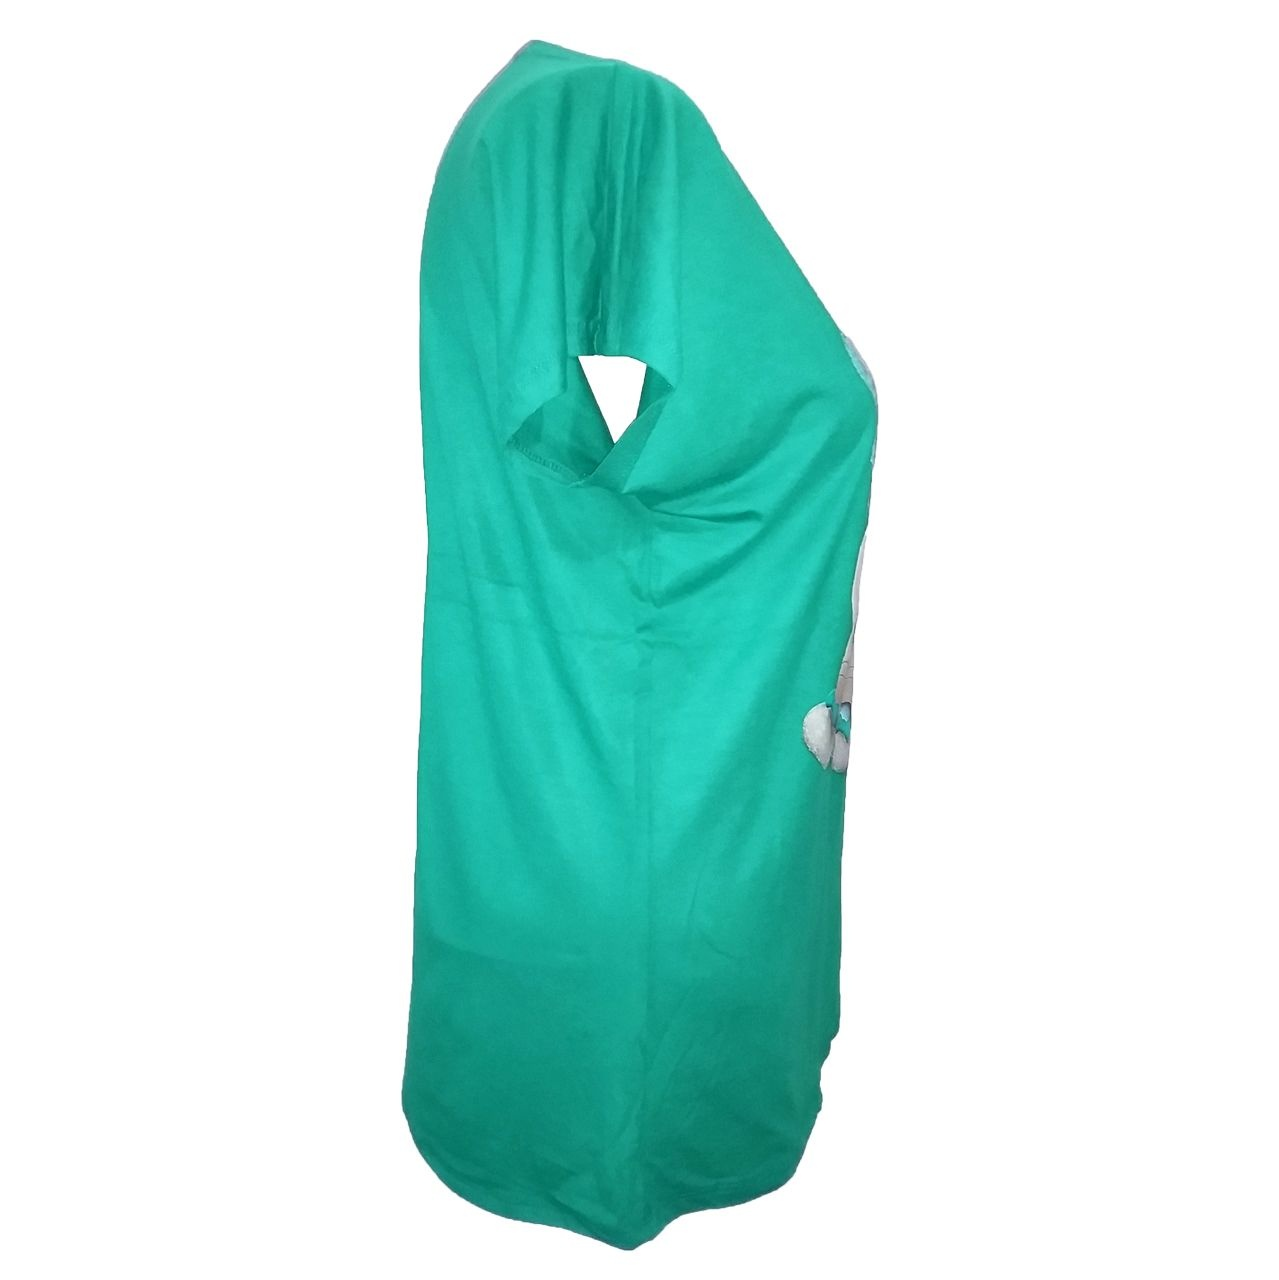 تی شرت نه طرح گربه مدل tm-512 رنگ سبز